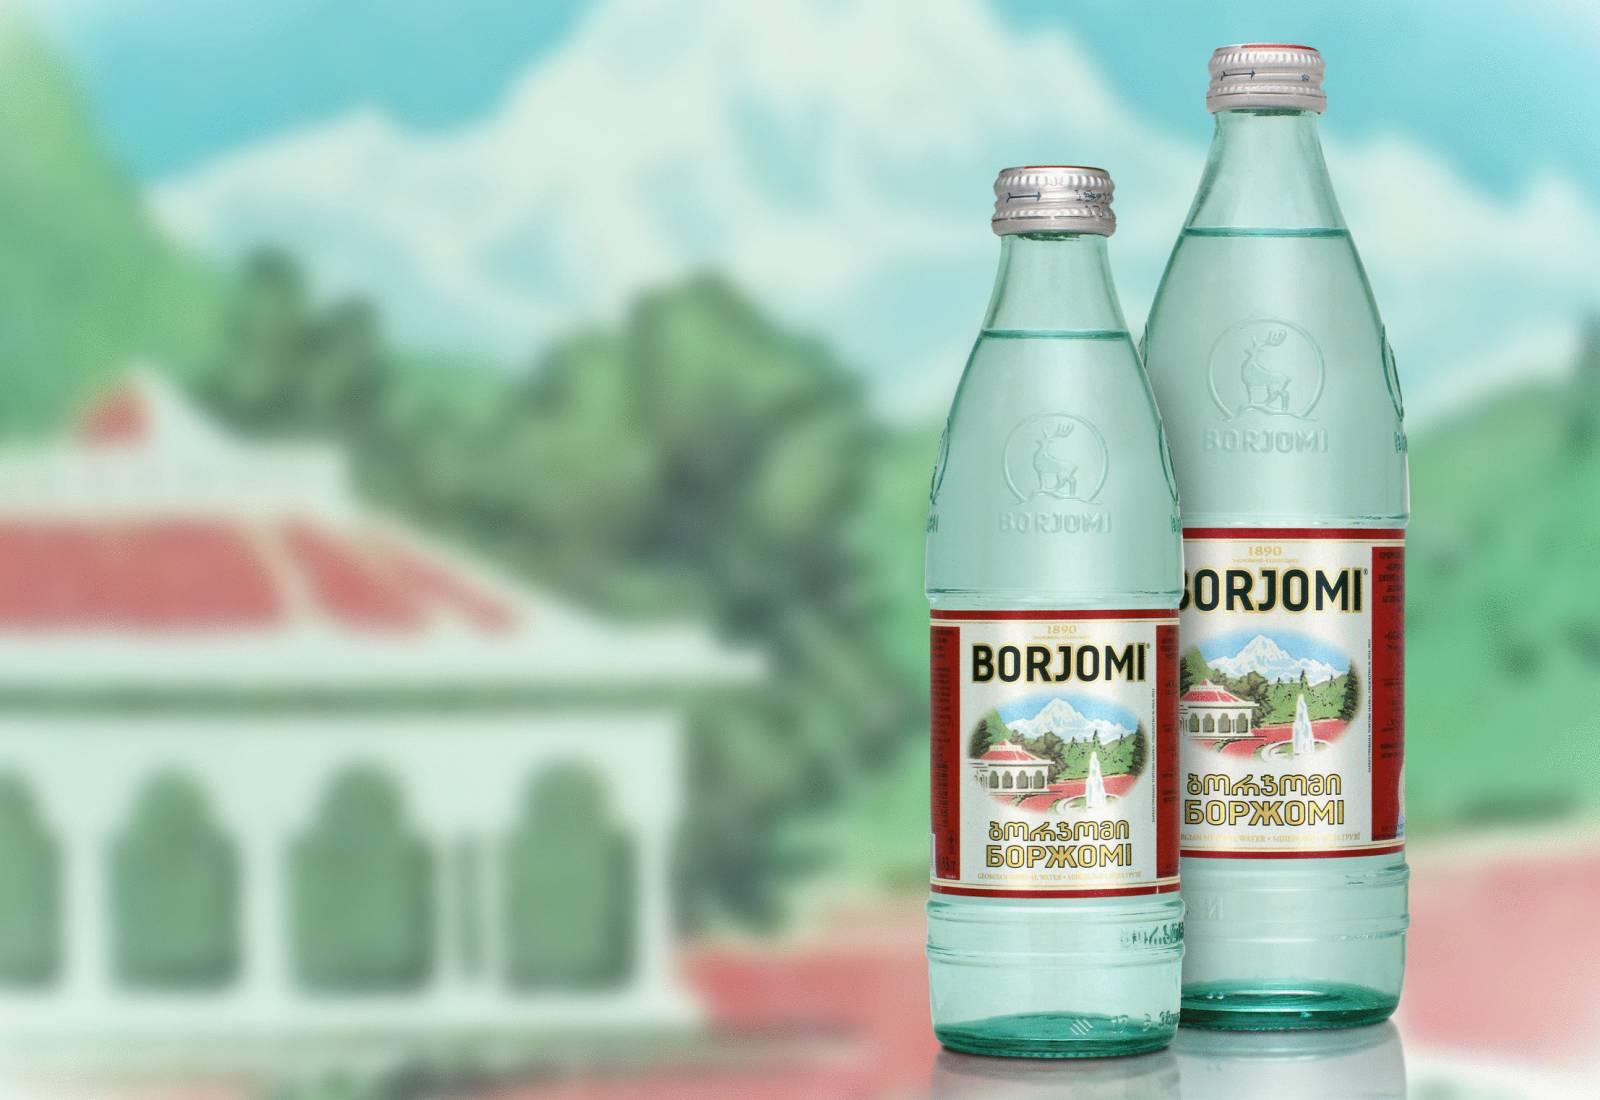 Минеральная вода при обострении: «Боржоми», «Buvet» или «Поляна Квасова»